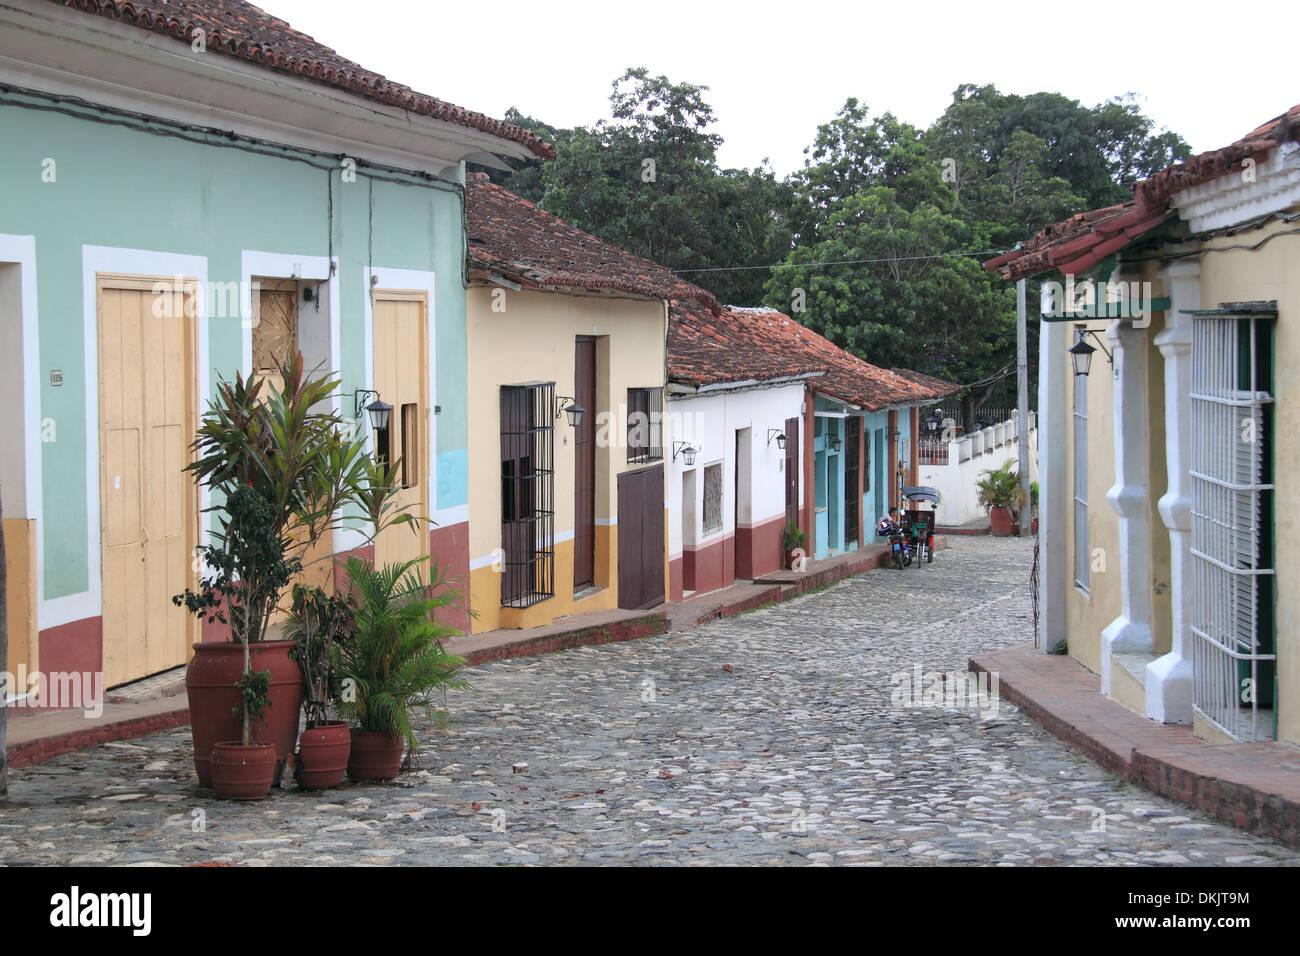 Calle Llano, Sancti Spiritus, Sancti Spiritus province, Cuba, Caribbean Sea, Central America - Stock Image